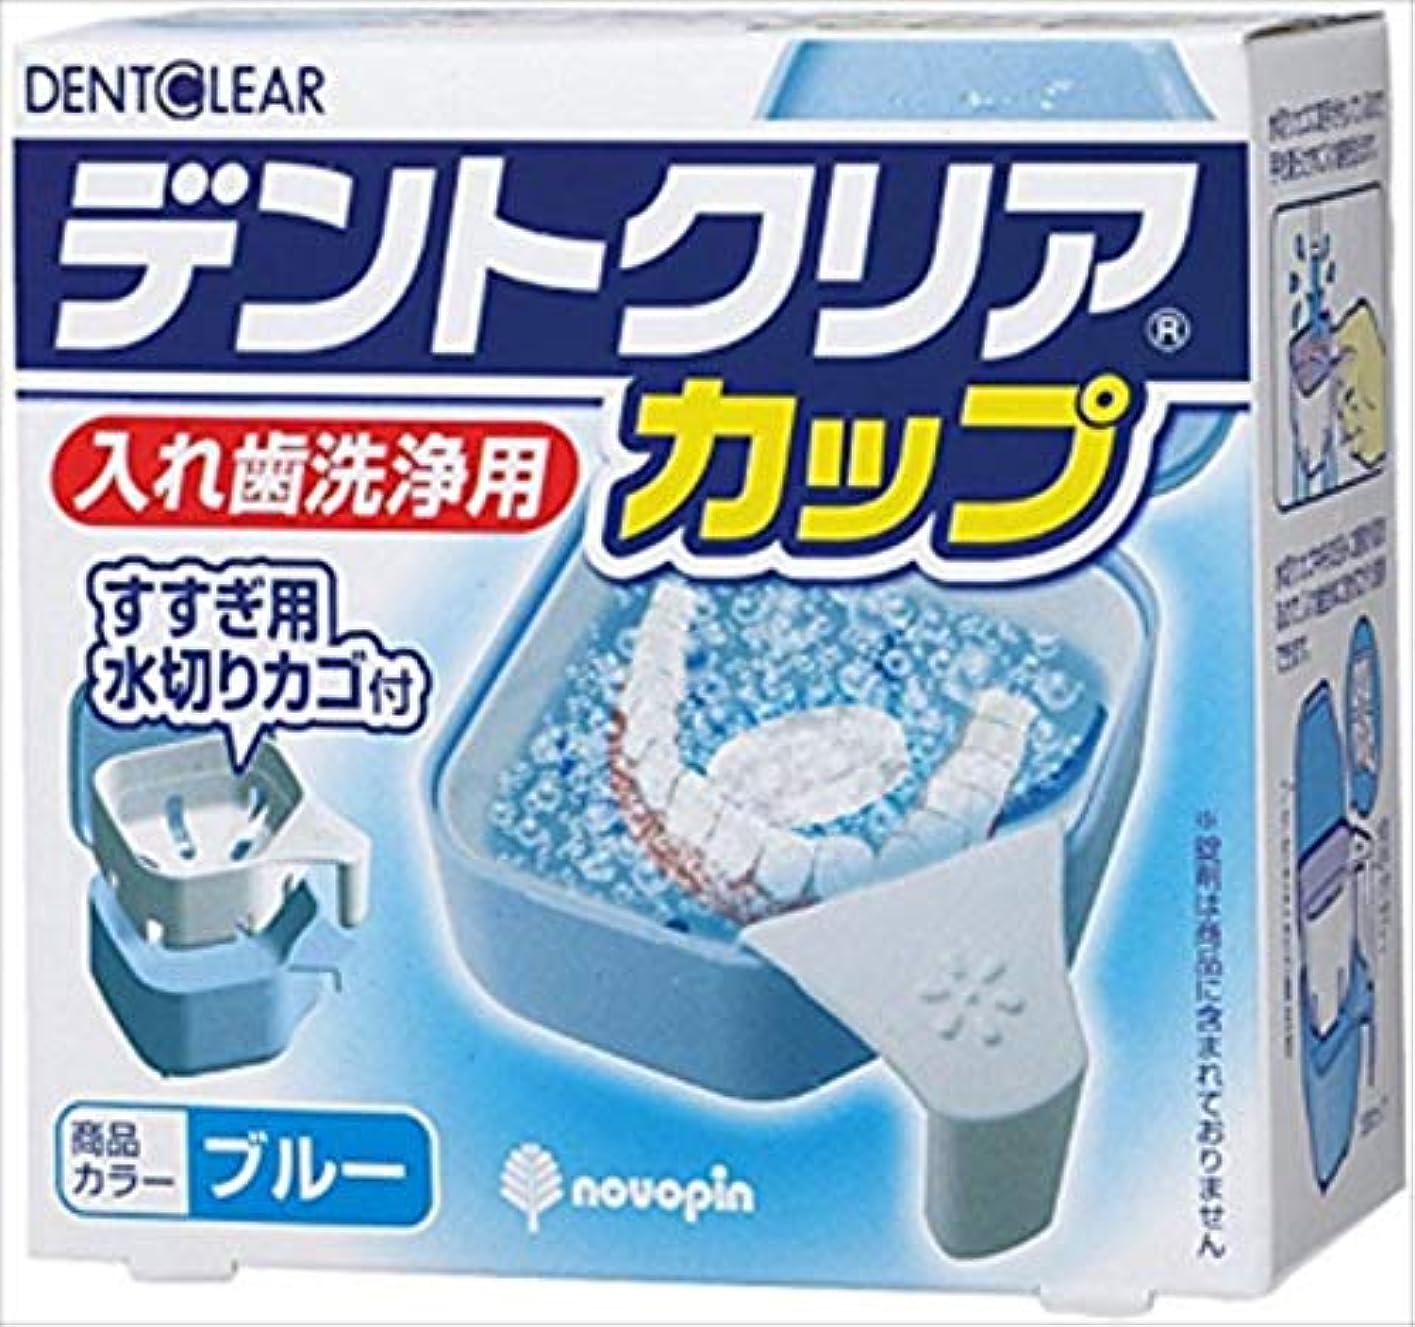 回想若者バスケットボール紀陽除虫菊 入れ歯ケース 日本製 デントクリア カップ (ブルー/水切りカゴ付) コンパクト